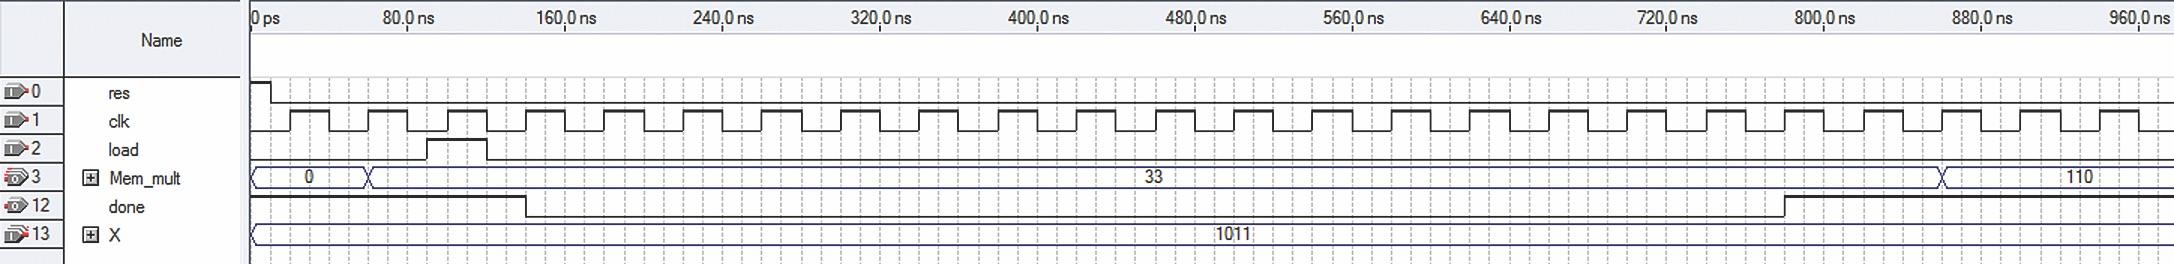 Временные диаграммы умножения 11 на 10. По умолчанию в мегафункцию загружена константа 3. Результат— 110